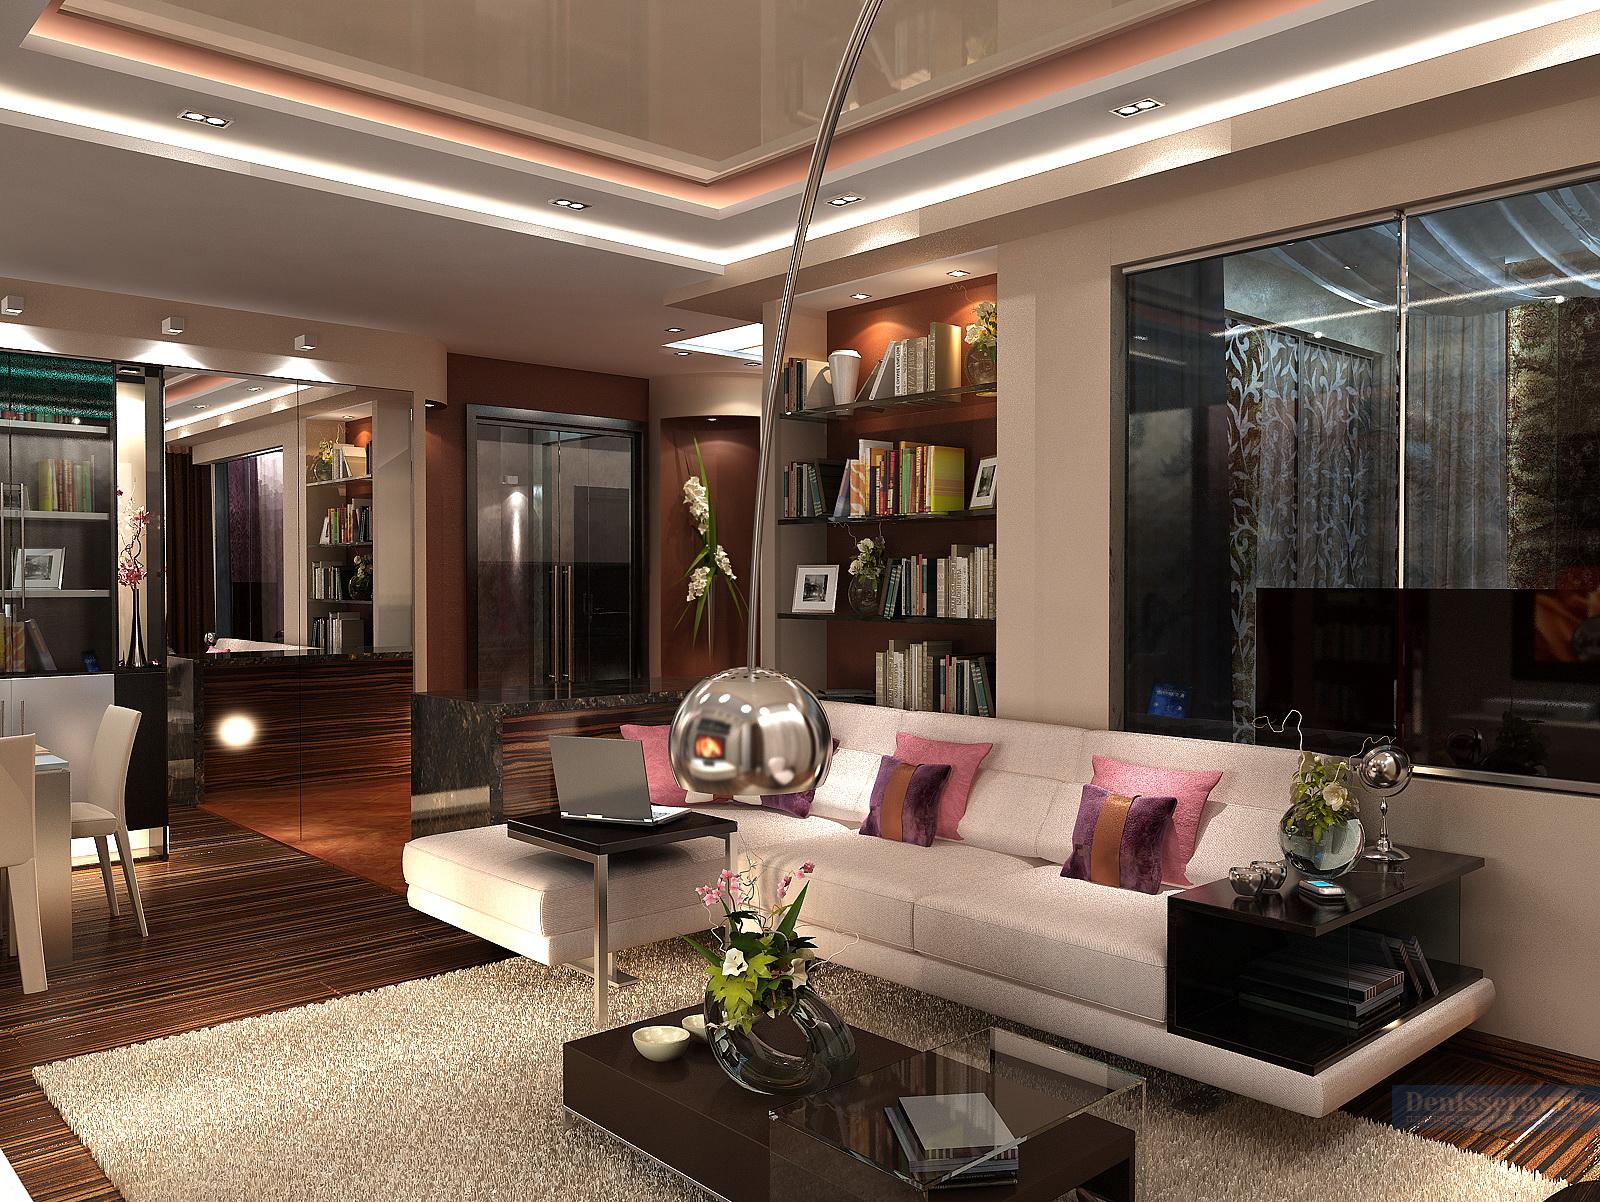 Дизайн проект однокомнатной квартиры 60 кв.м.